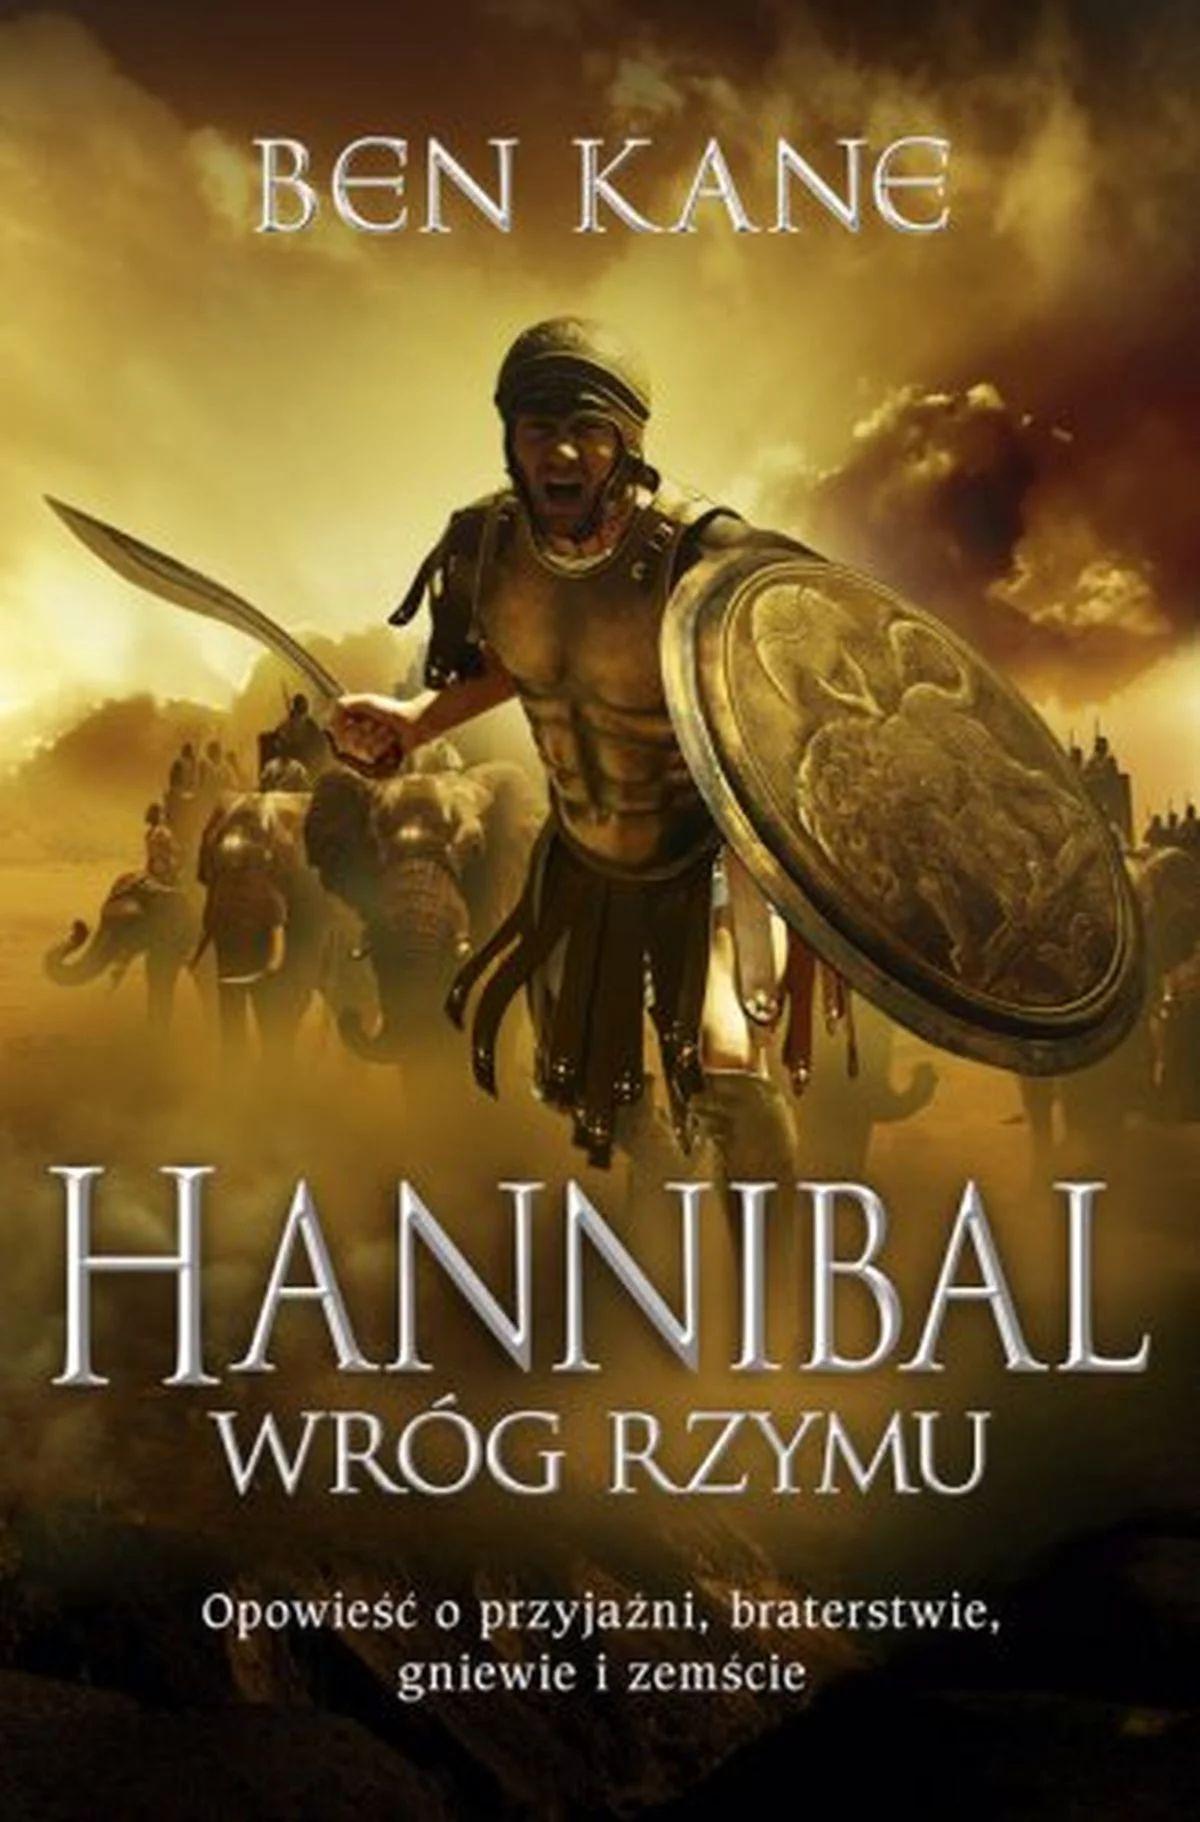 Ben Kane, Hannibal. Wróg Rzymu